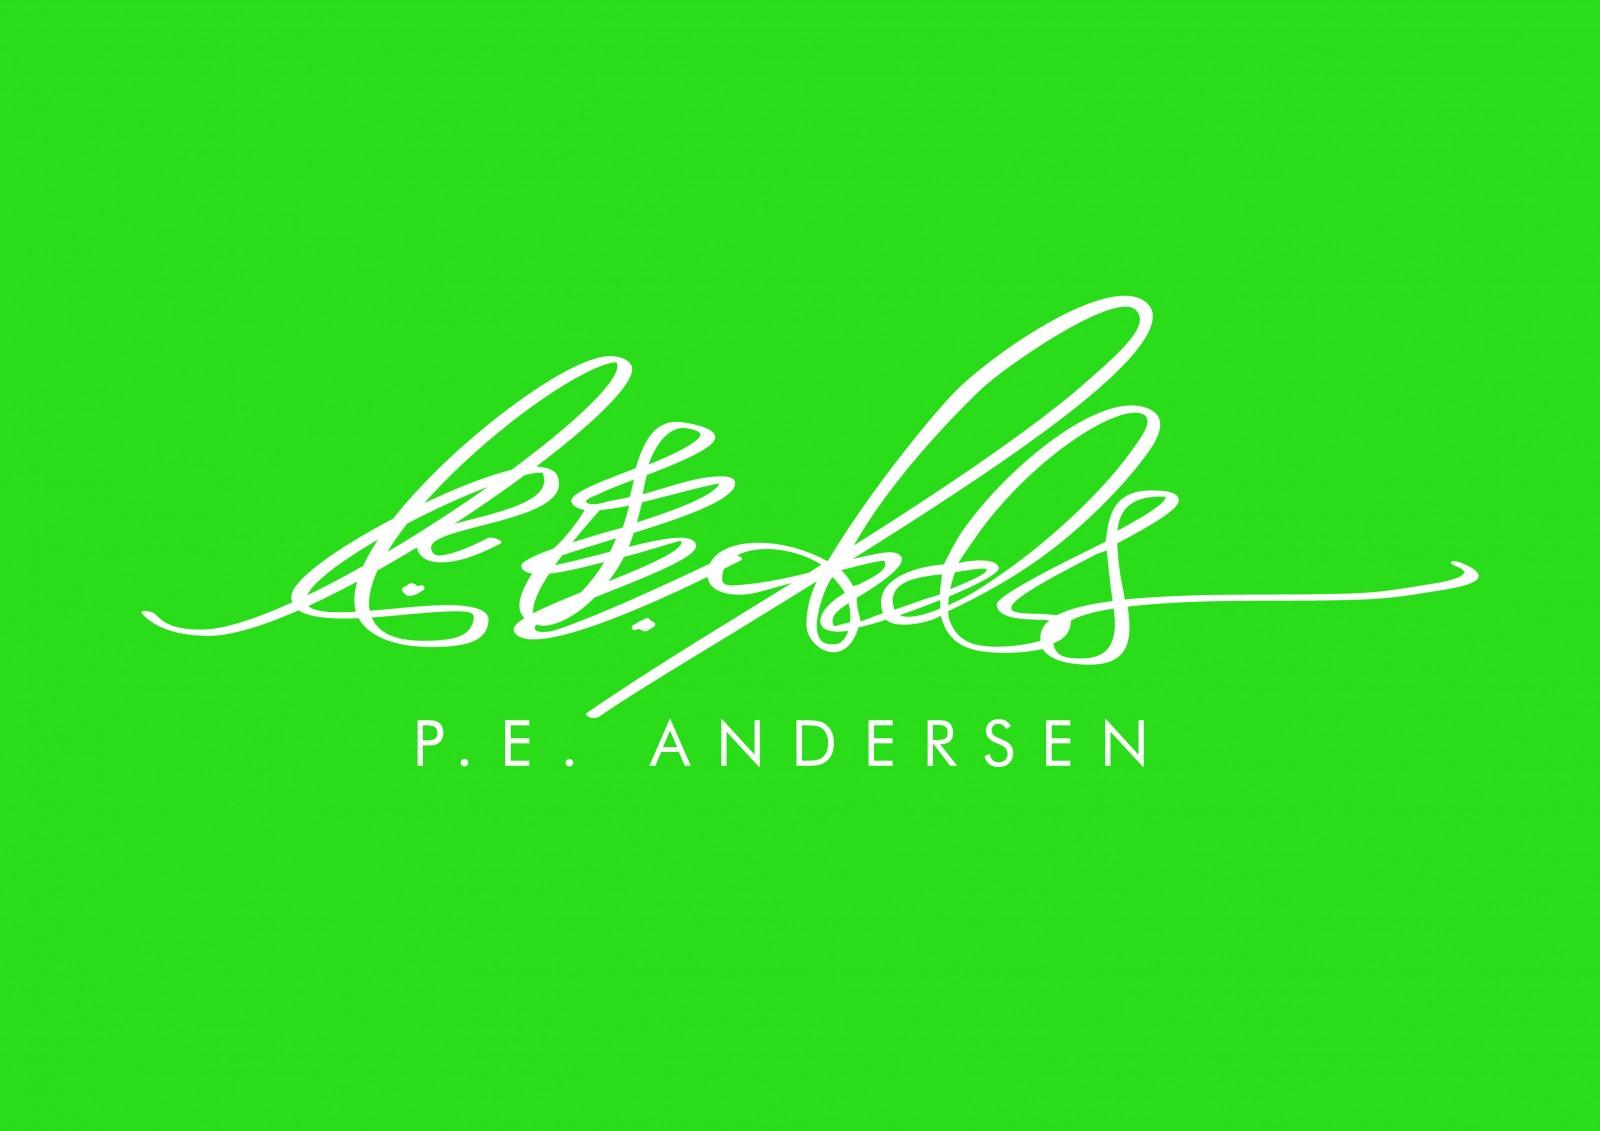 P.E. Andersen Handelsagentur